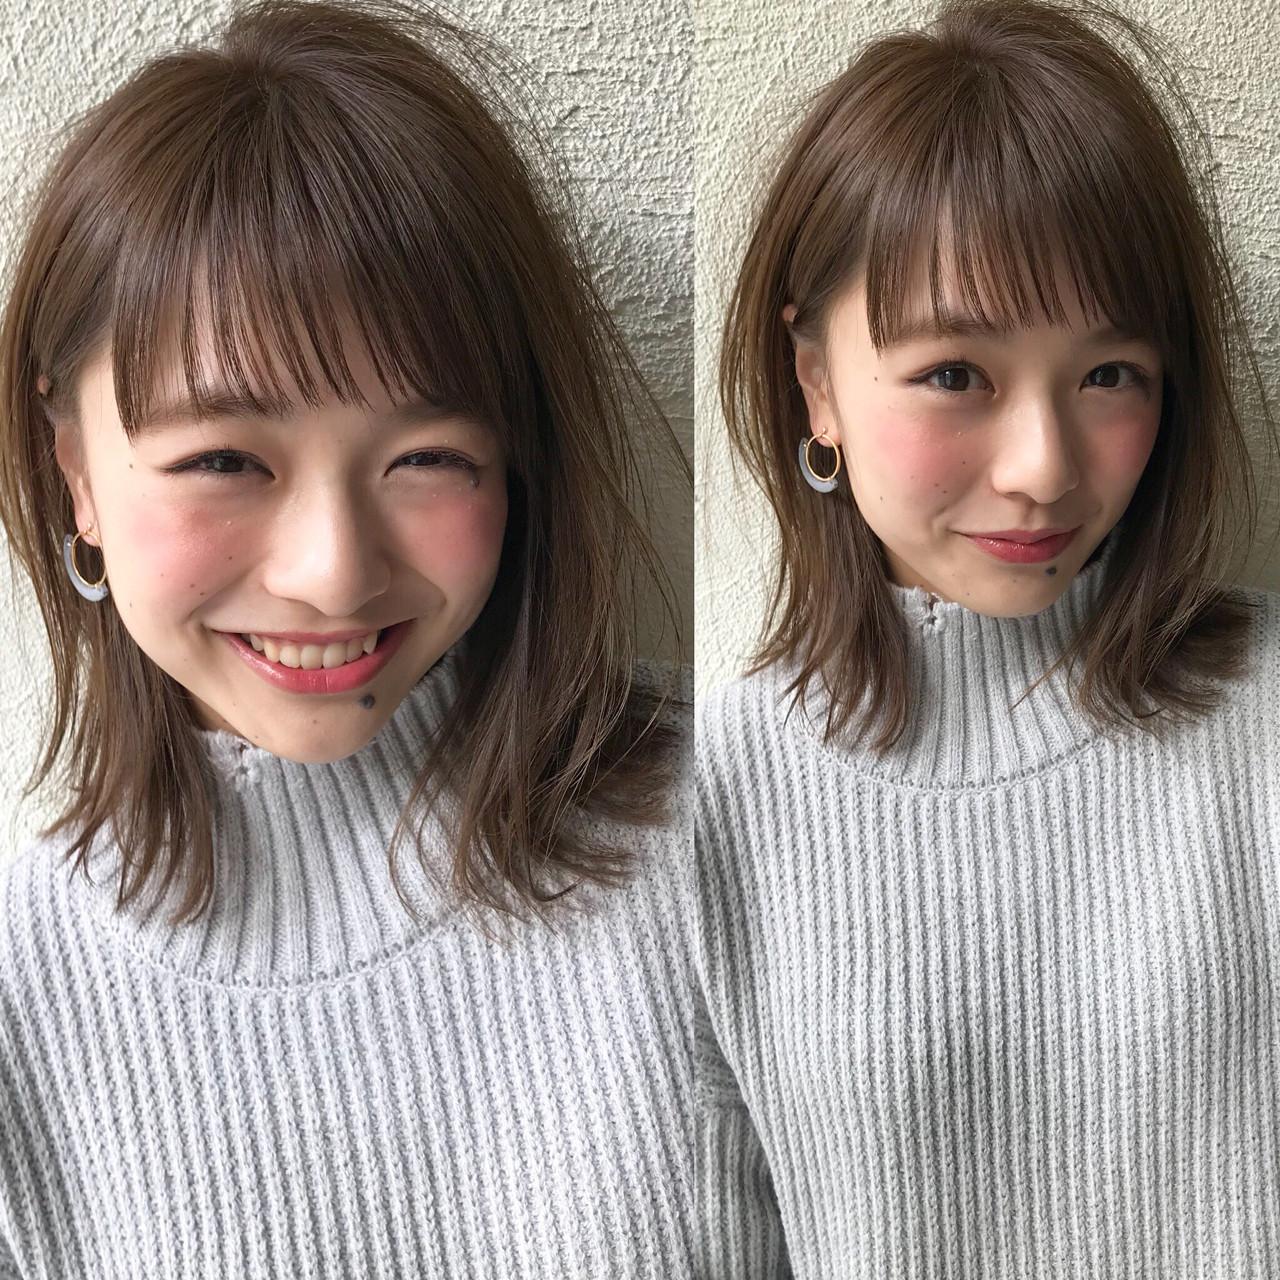 こなれ感 ナチュラル アンニュイ 外ハネ ヘアスタイルや髪型の写真・画像 | 切りっぱなしレイヤー&パーマ Un ami 増永 / Un ami omotesando